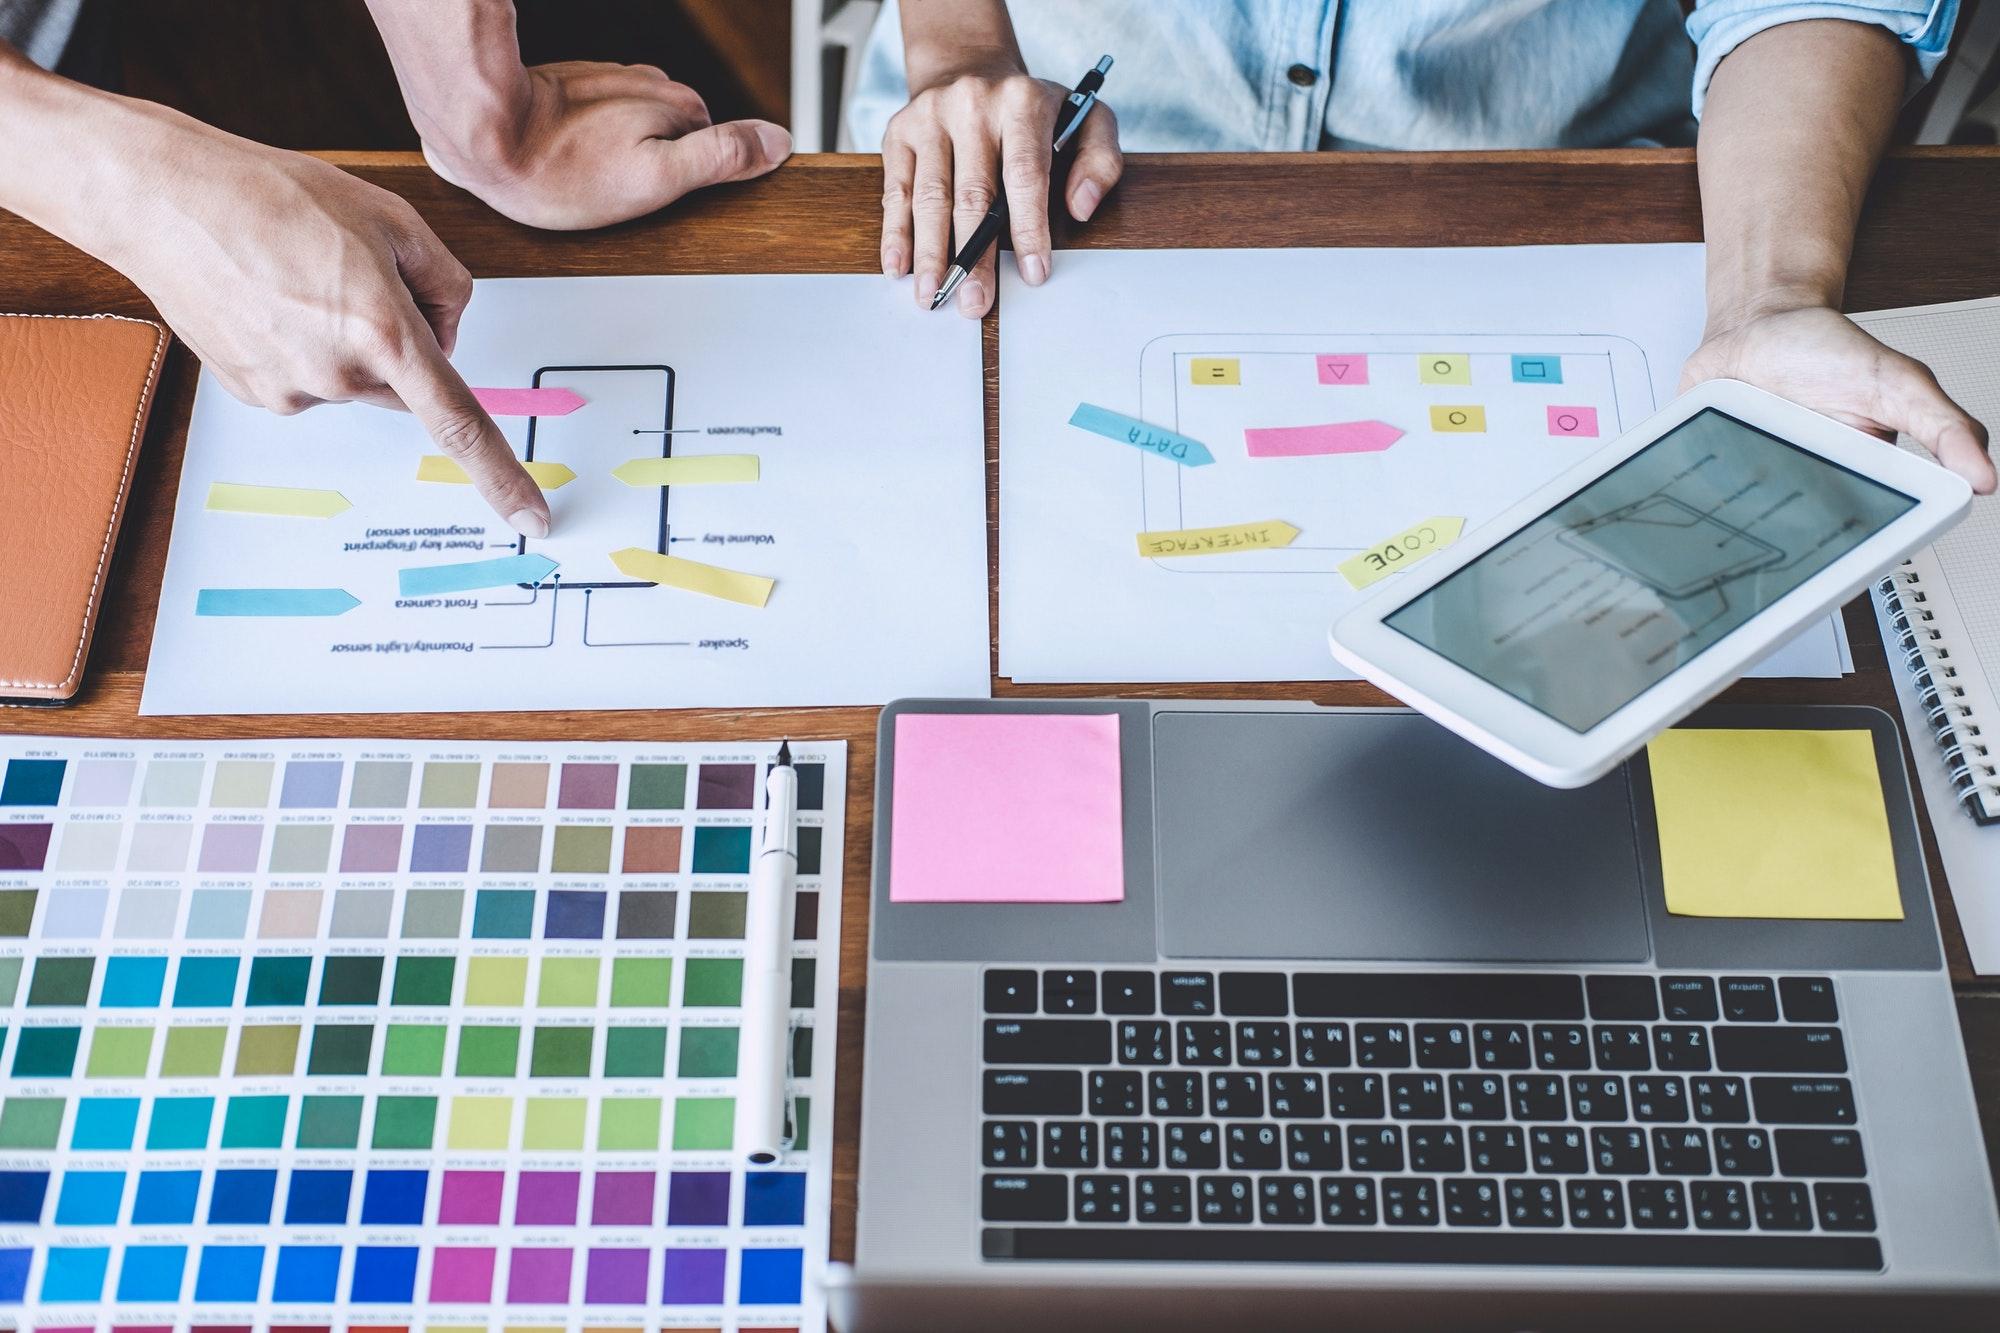 Team of Creative Web/Graphic Designer planning